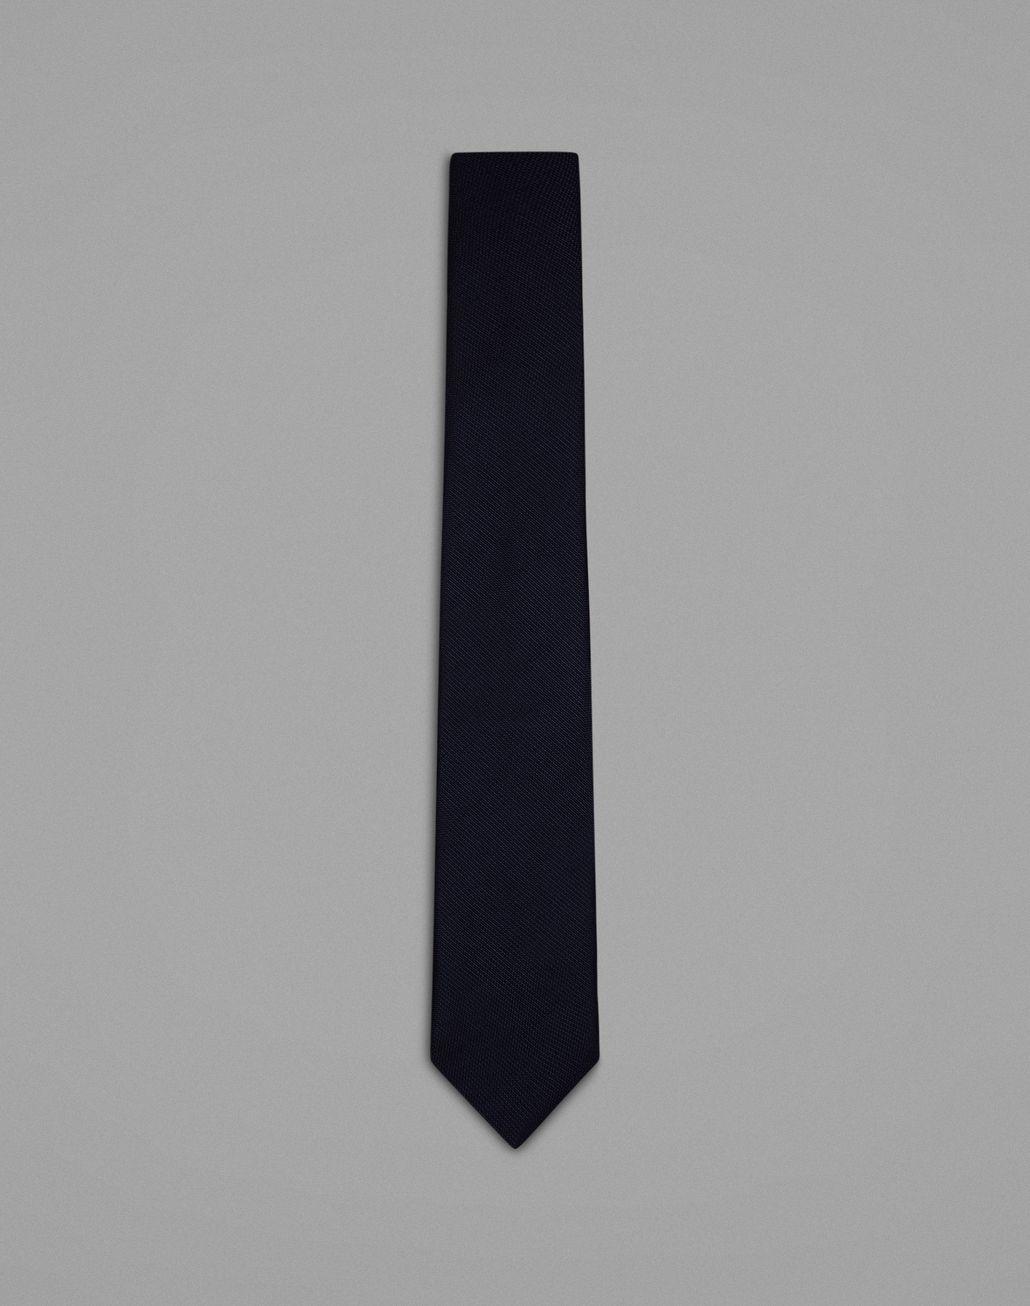 BRIONI Cravate bleue Cravate Homme f